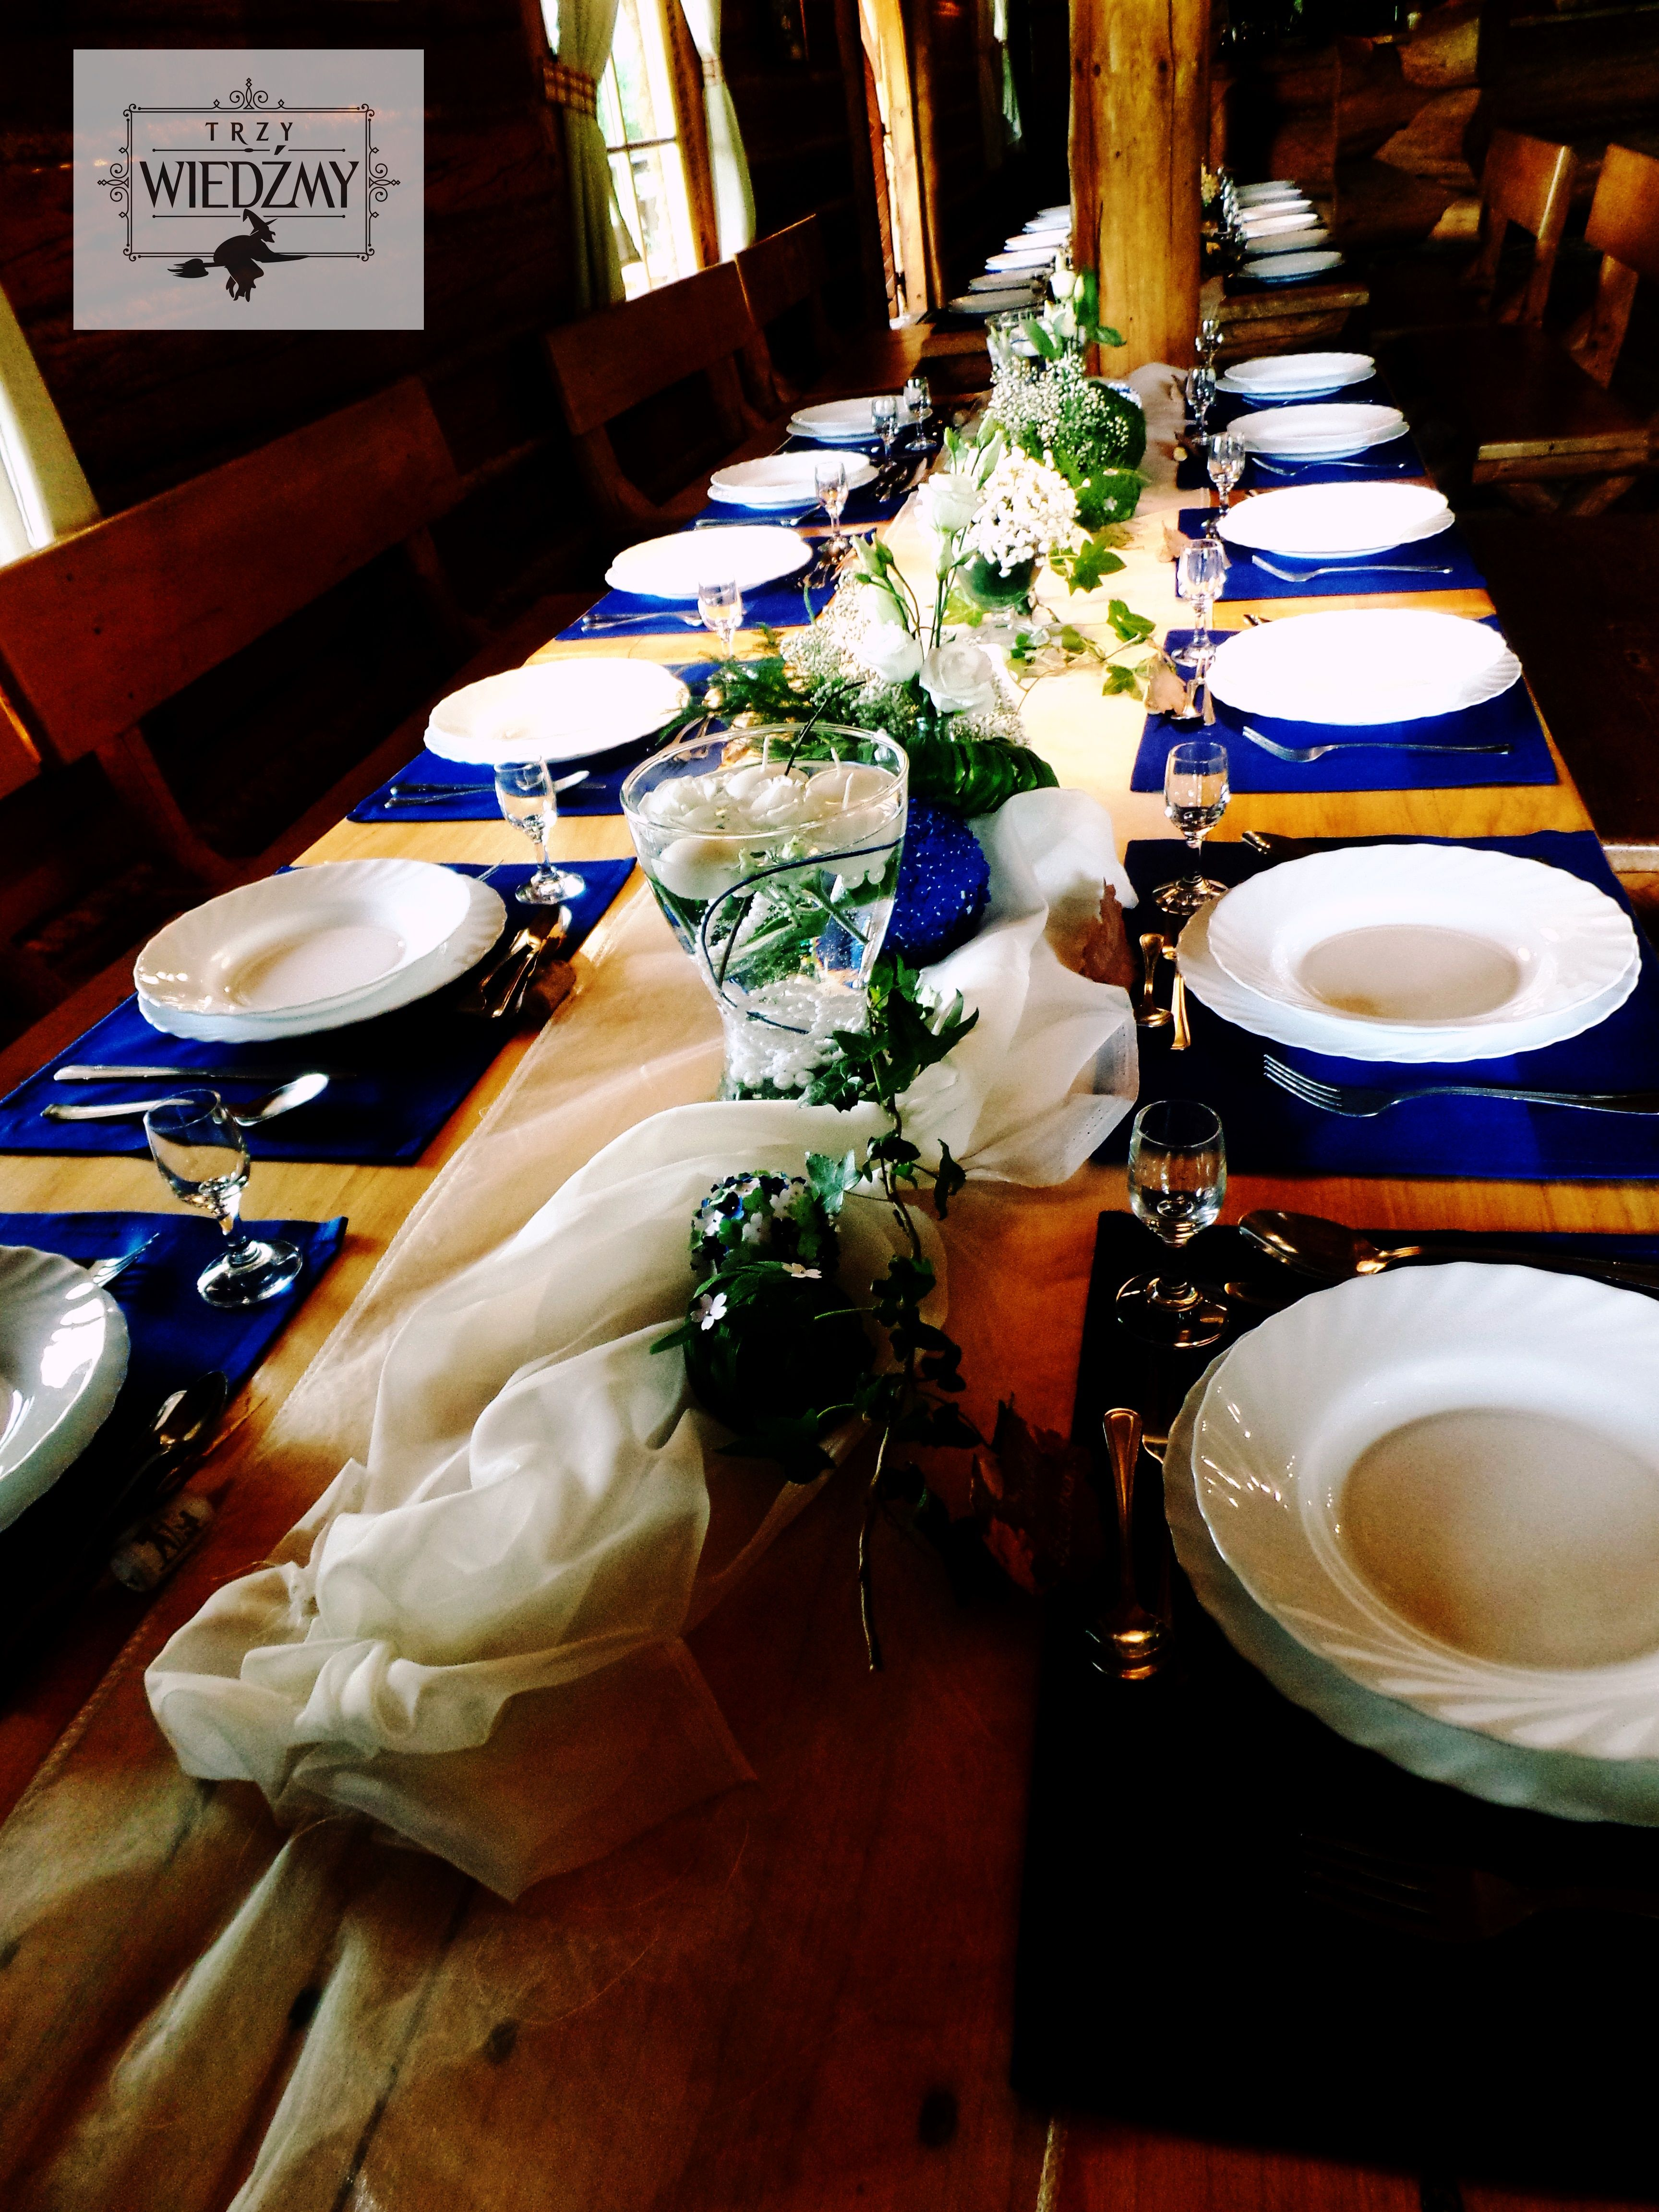 Dekoracje Calego Stolu Gosci Talerze Ustawione Na Niebieskich Serwetkach Posrodku Kompozycje Z Bialych I Niebieskich Kwiat Table Decorations Decor Home Decor